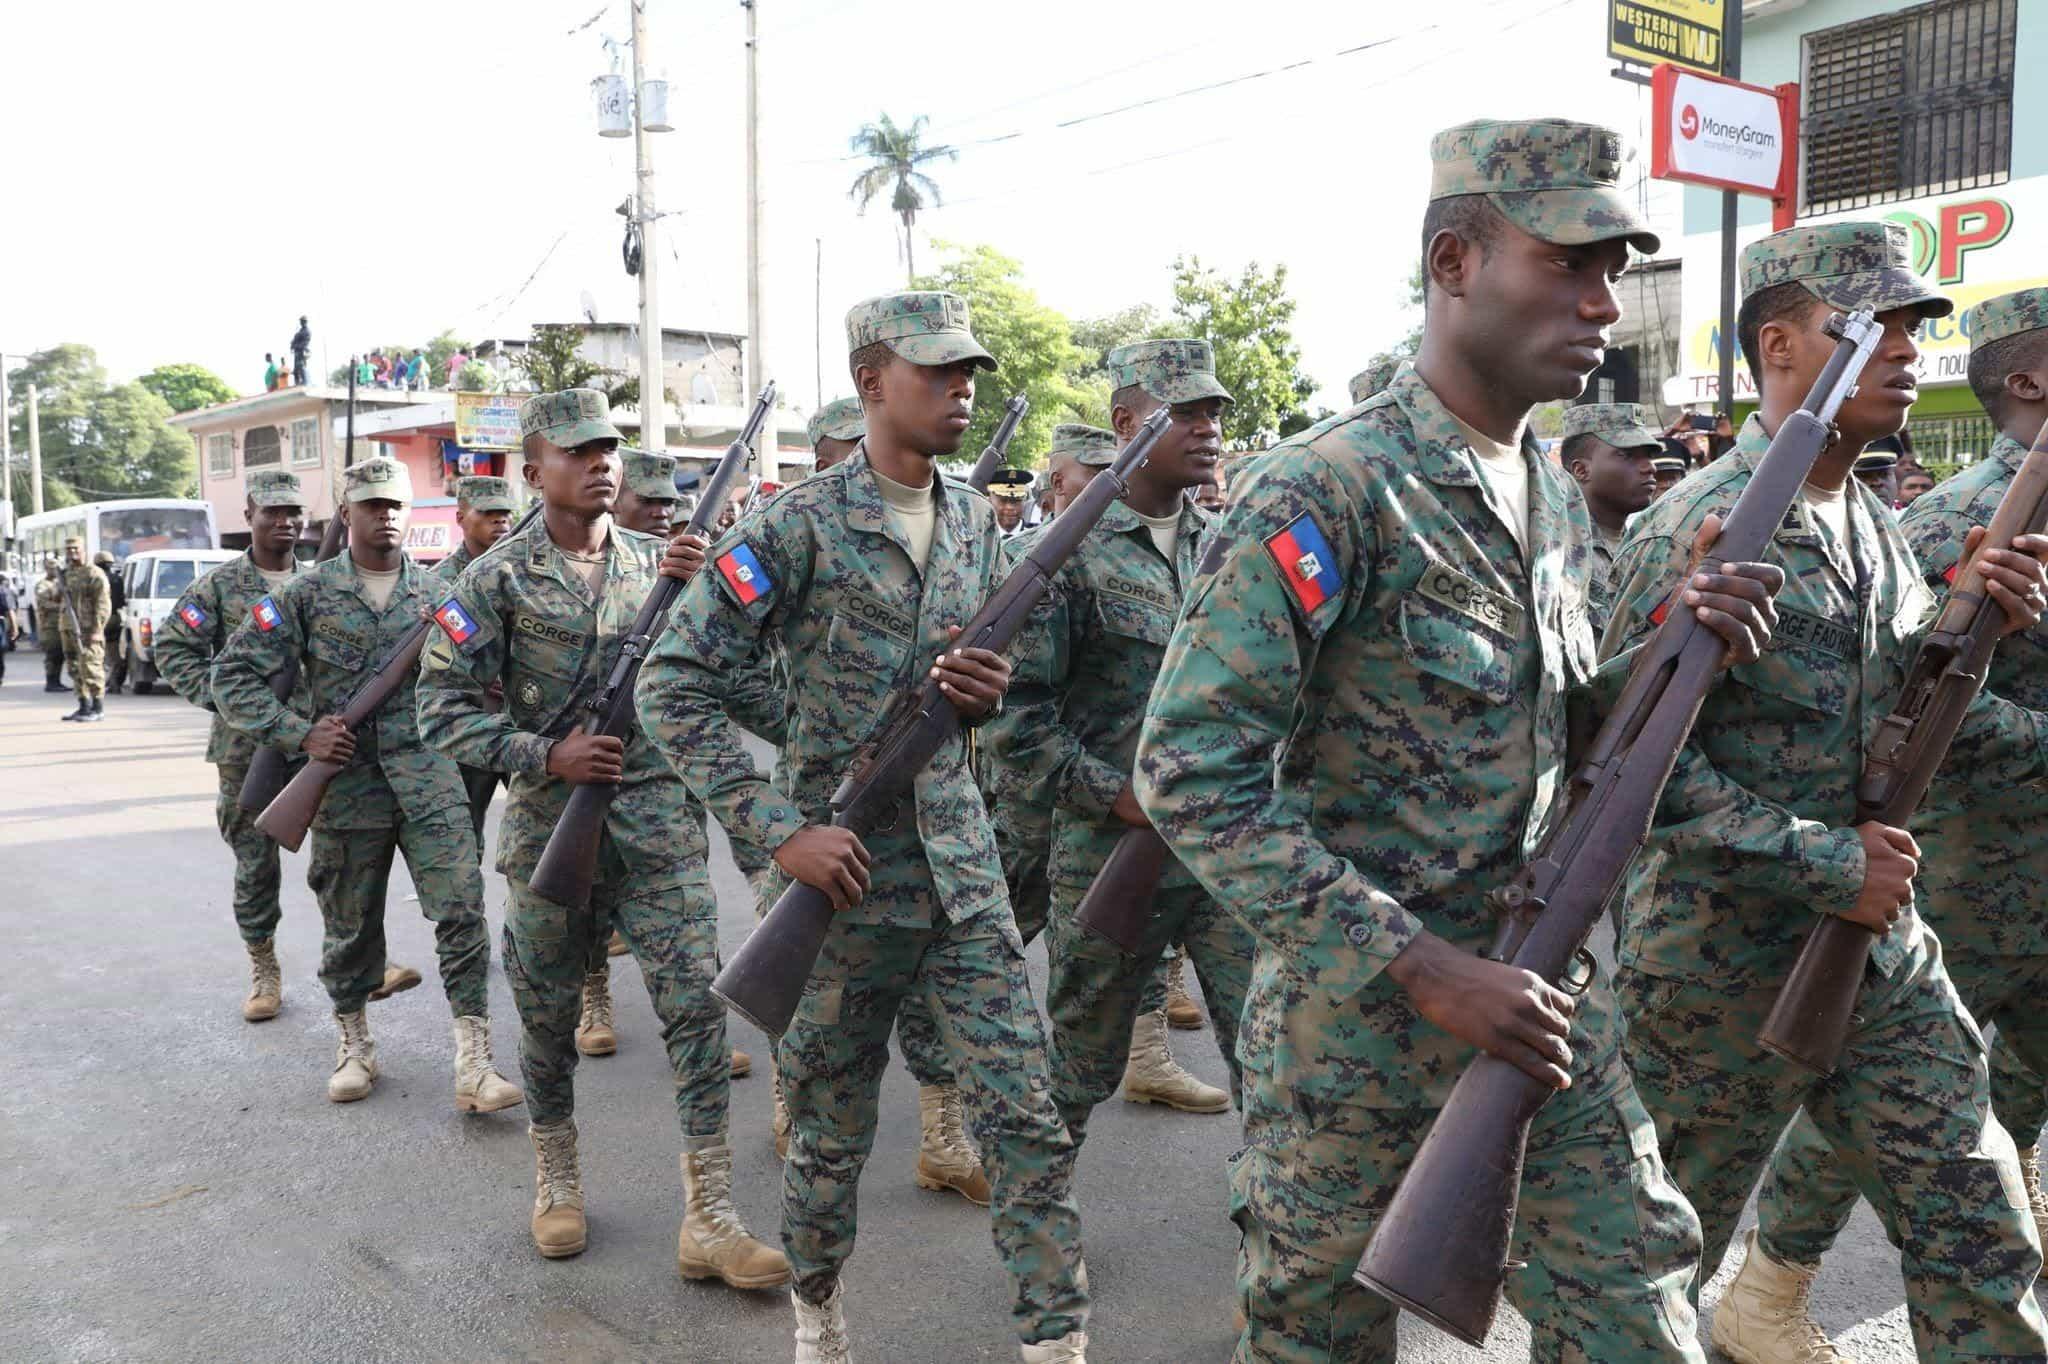 L'armée d'Haïti : 500 futurs soldats en formation à partir de janvier 2019.